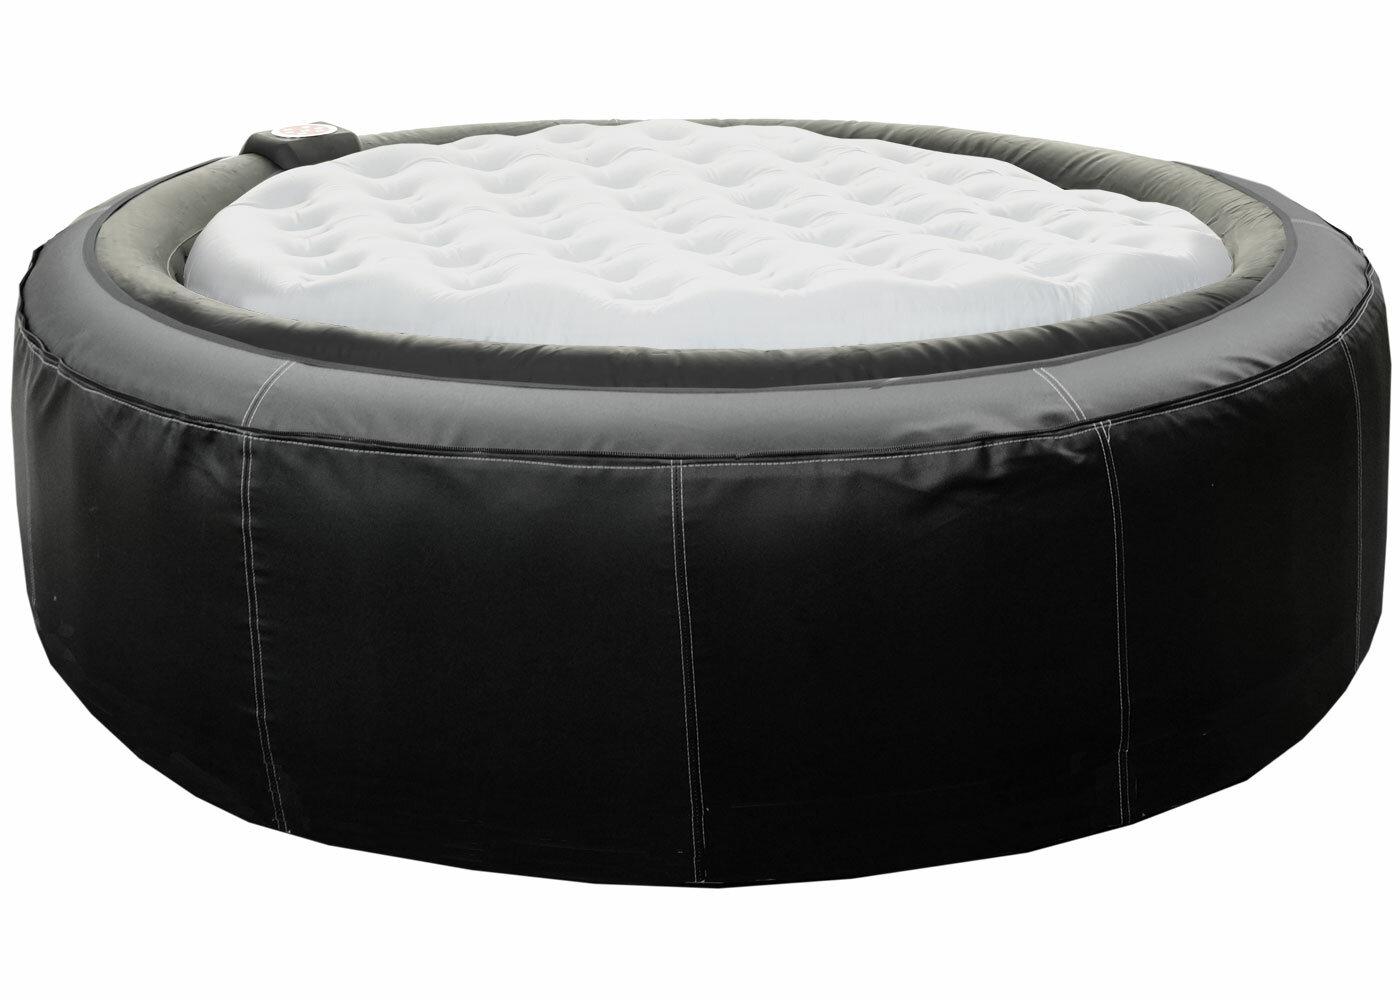 Full Size of Whirlpool Aufblasbar Clearambient Plug Play Mit 130 Dsen Fr 6 Garten Wohnzimmer Whirlpool Aufblasbar